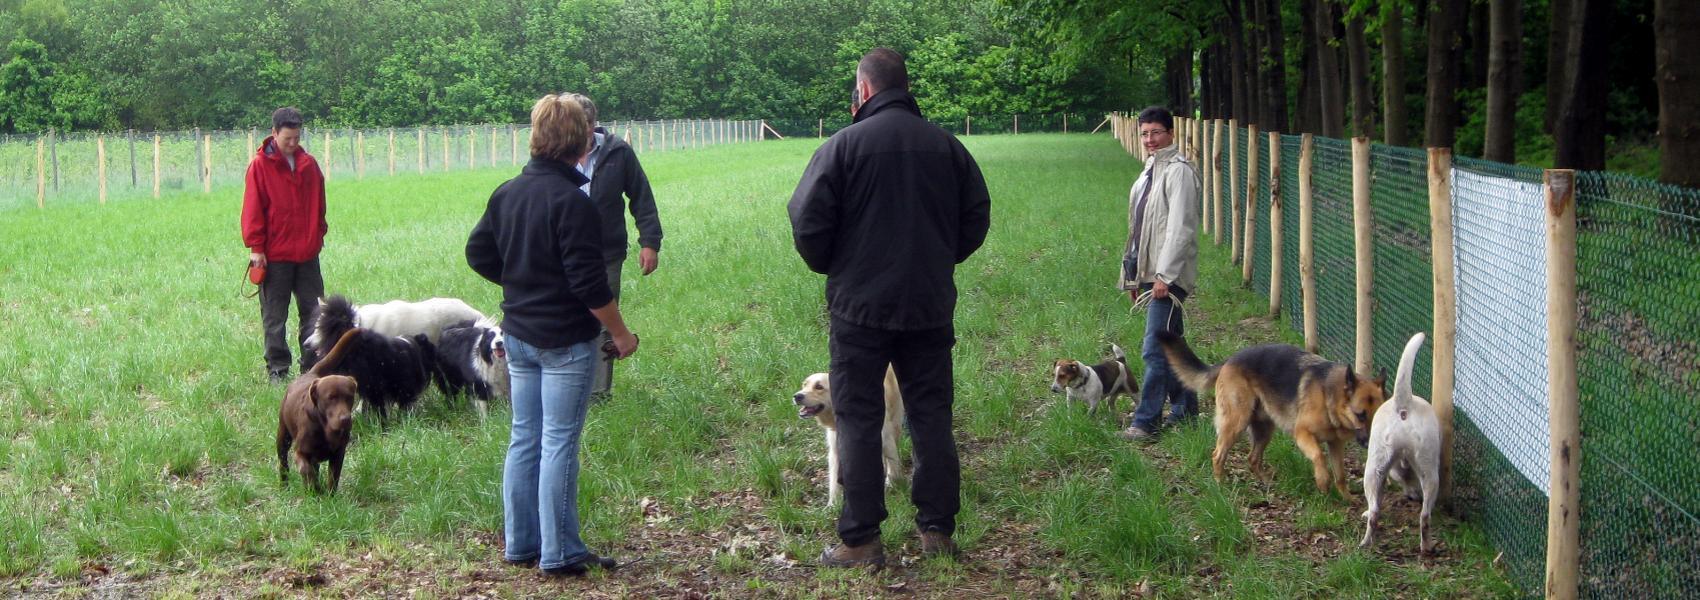 hondenzone in Noordheuvel